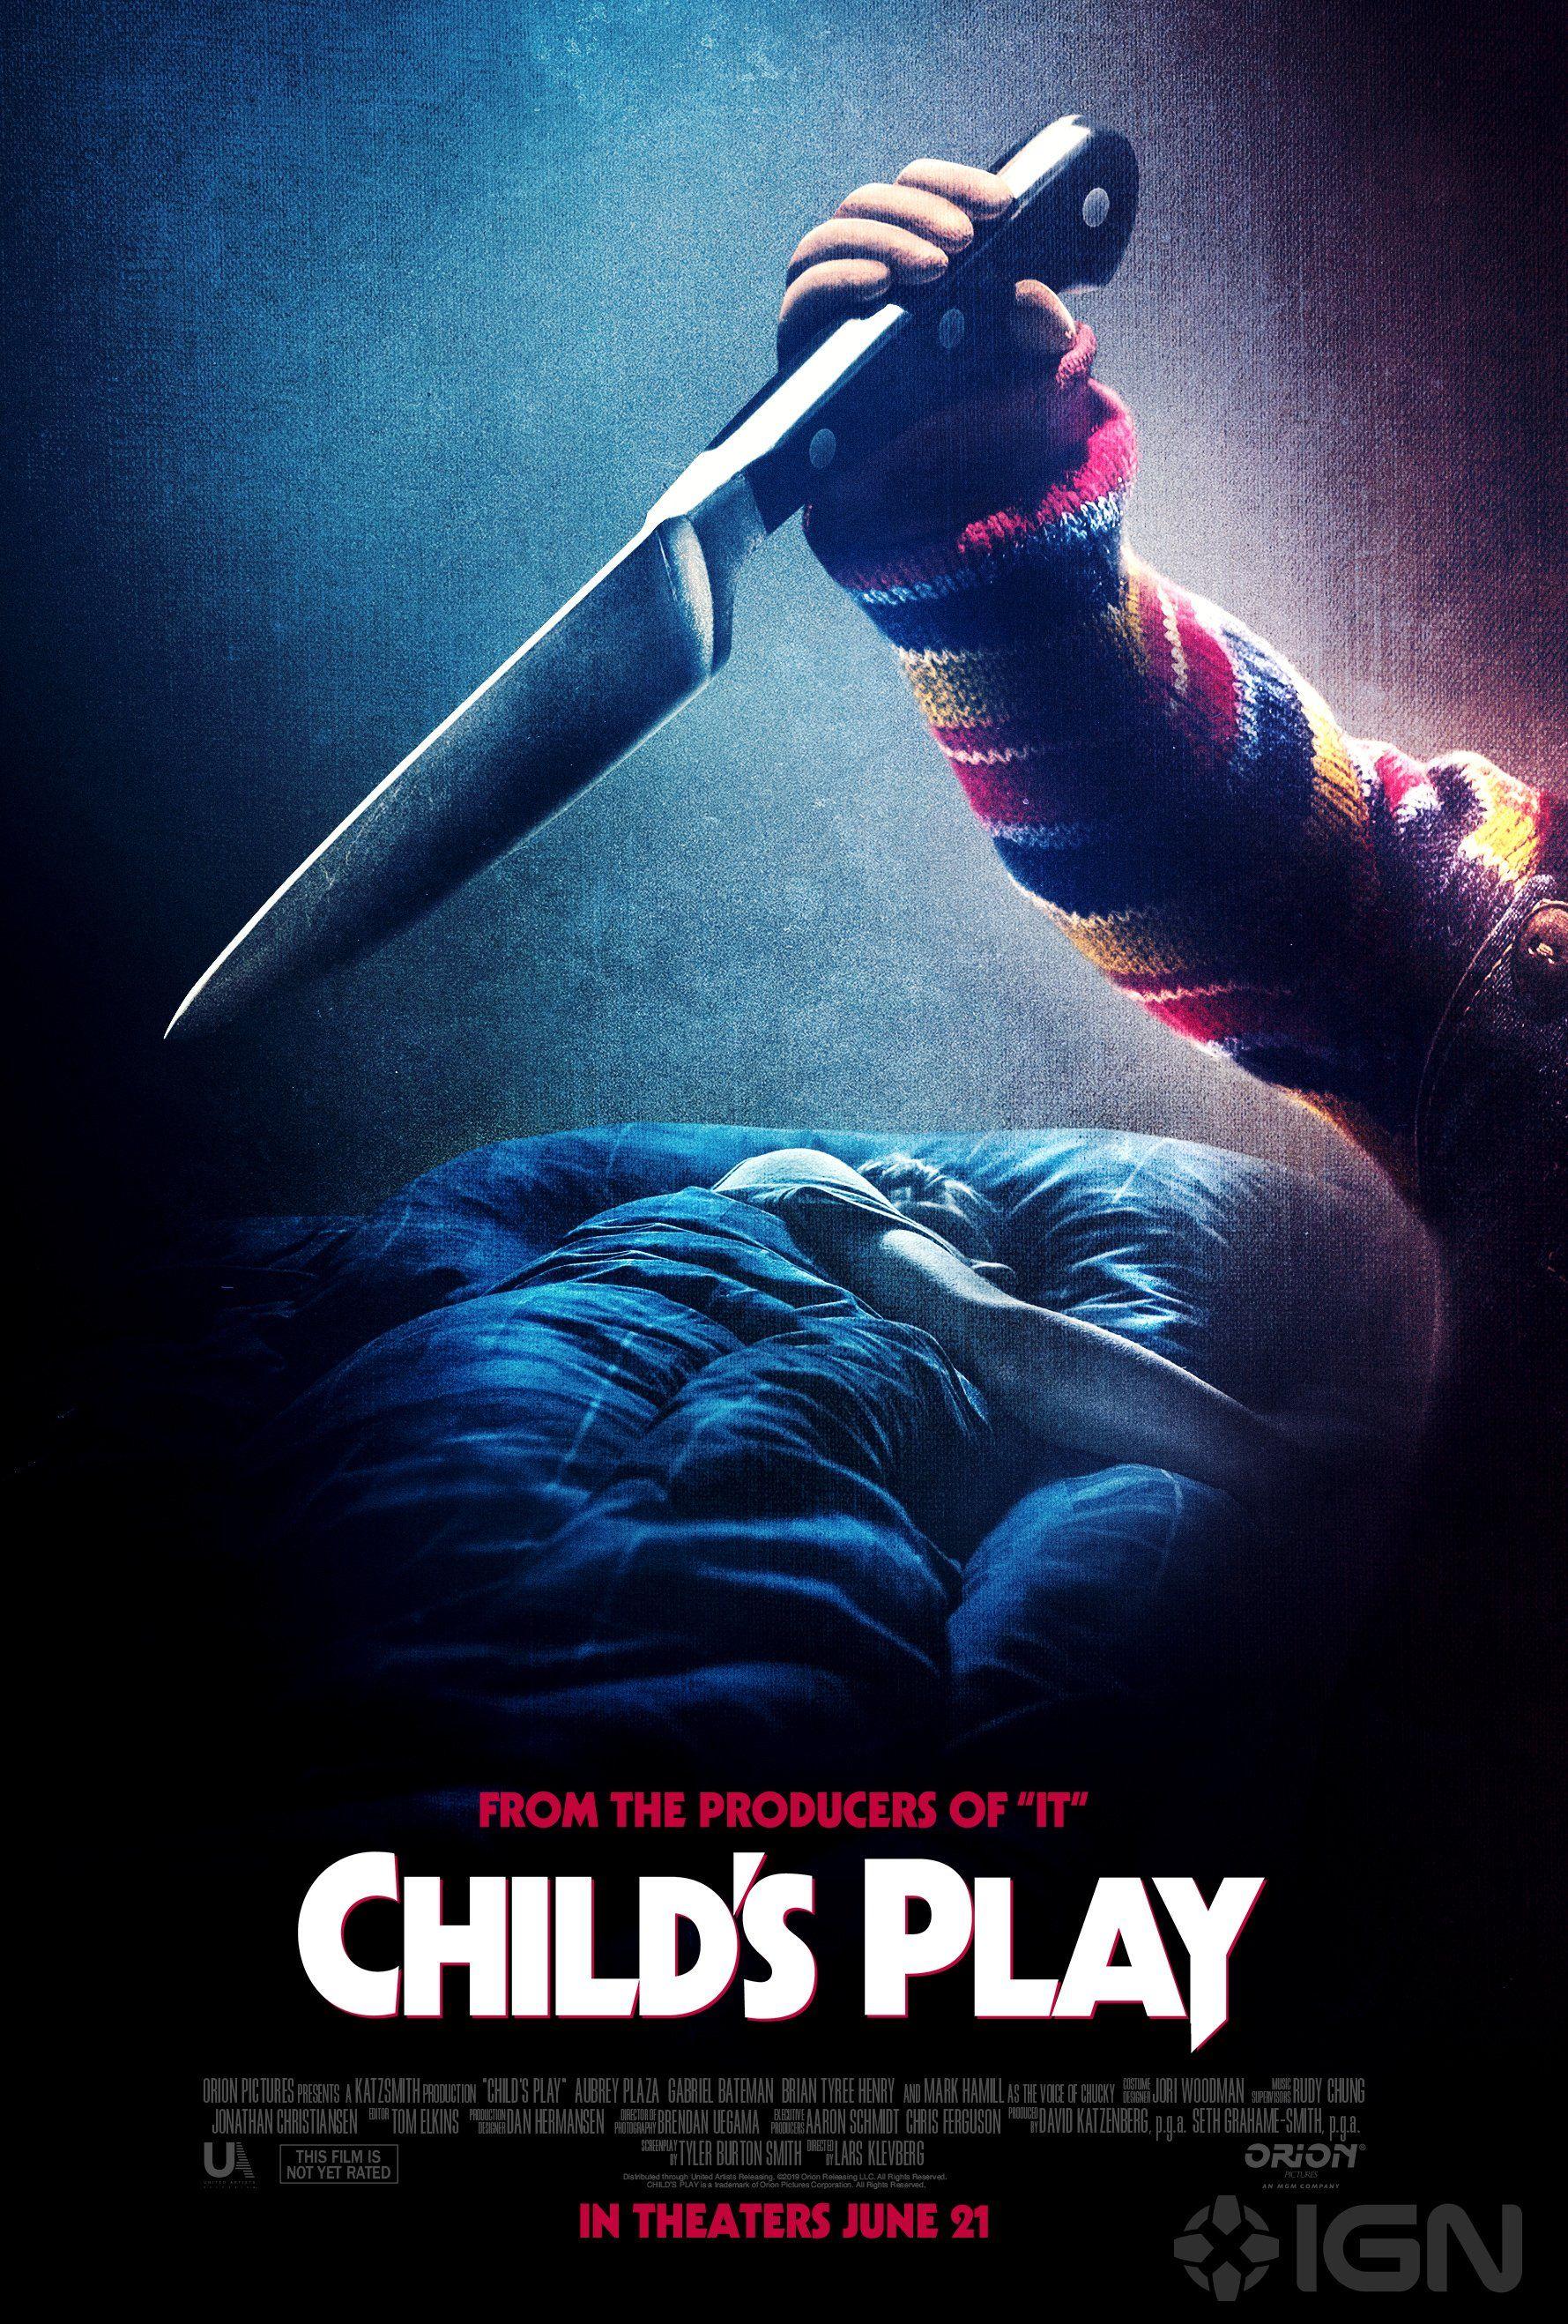 New Child S Play Poster Horrorfilms Film Kleding Ontwerpen